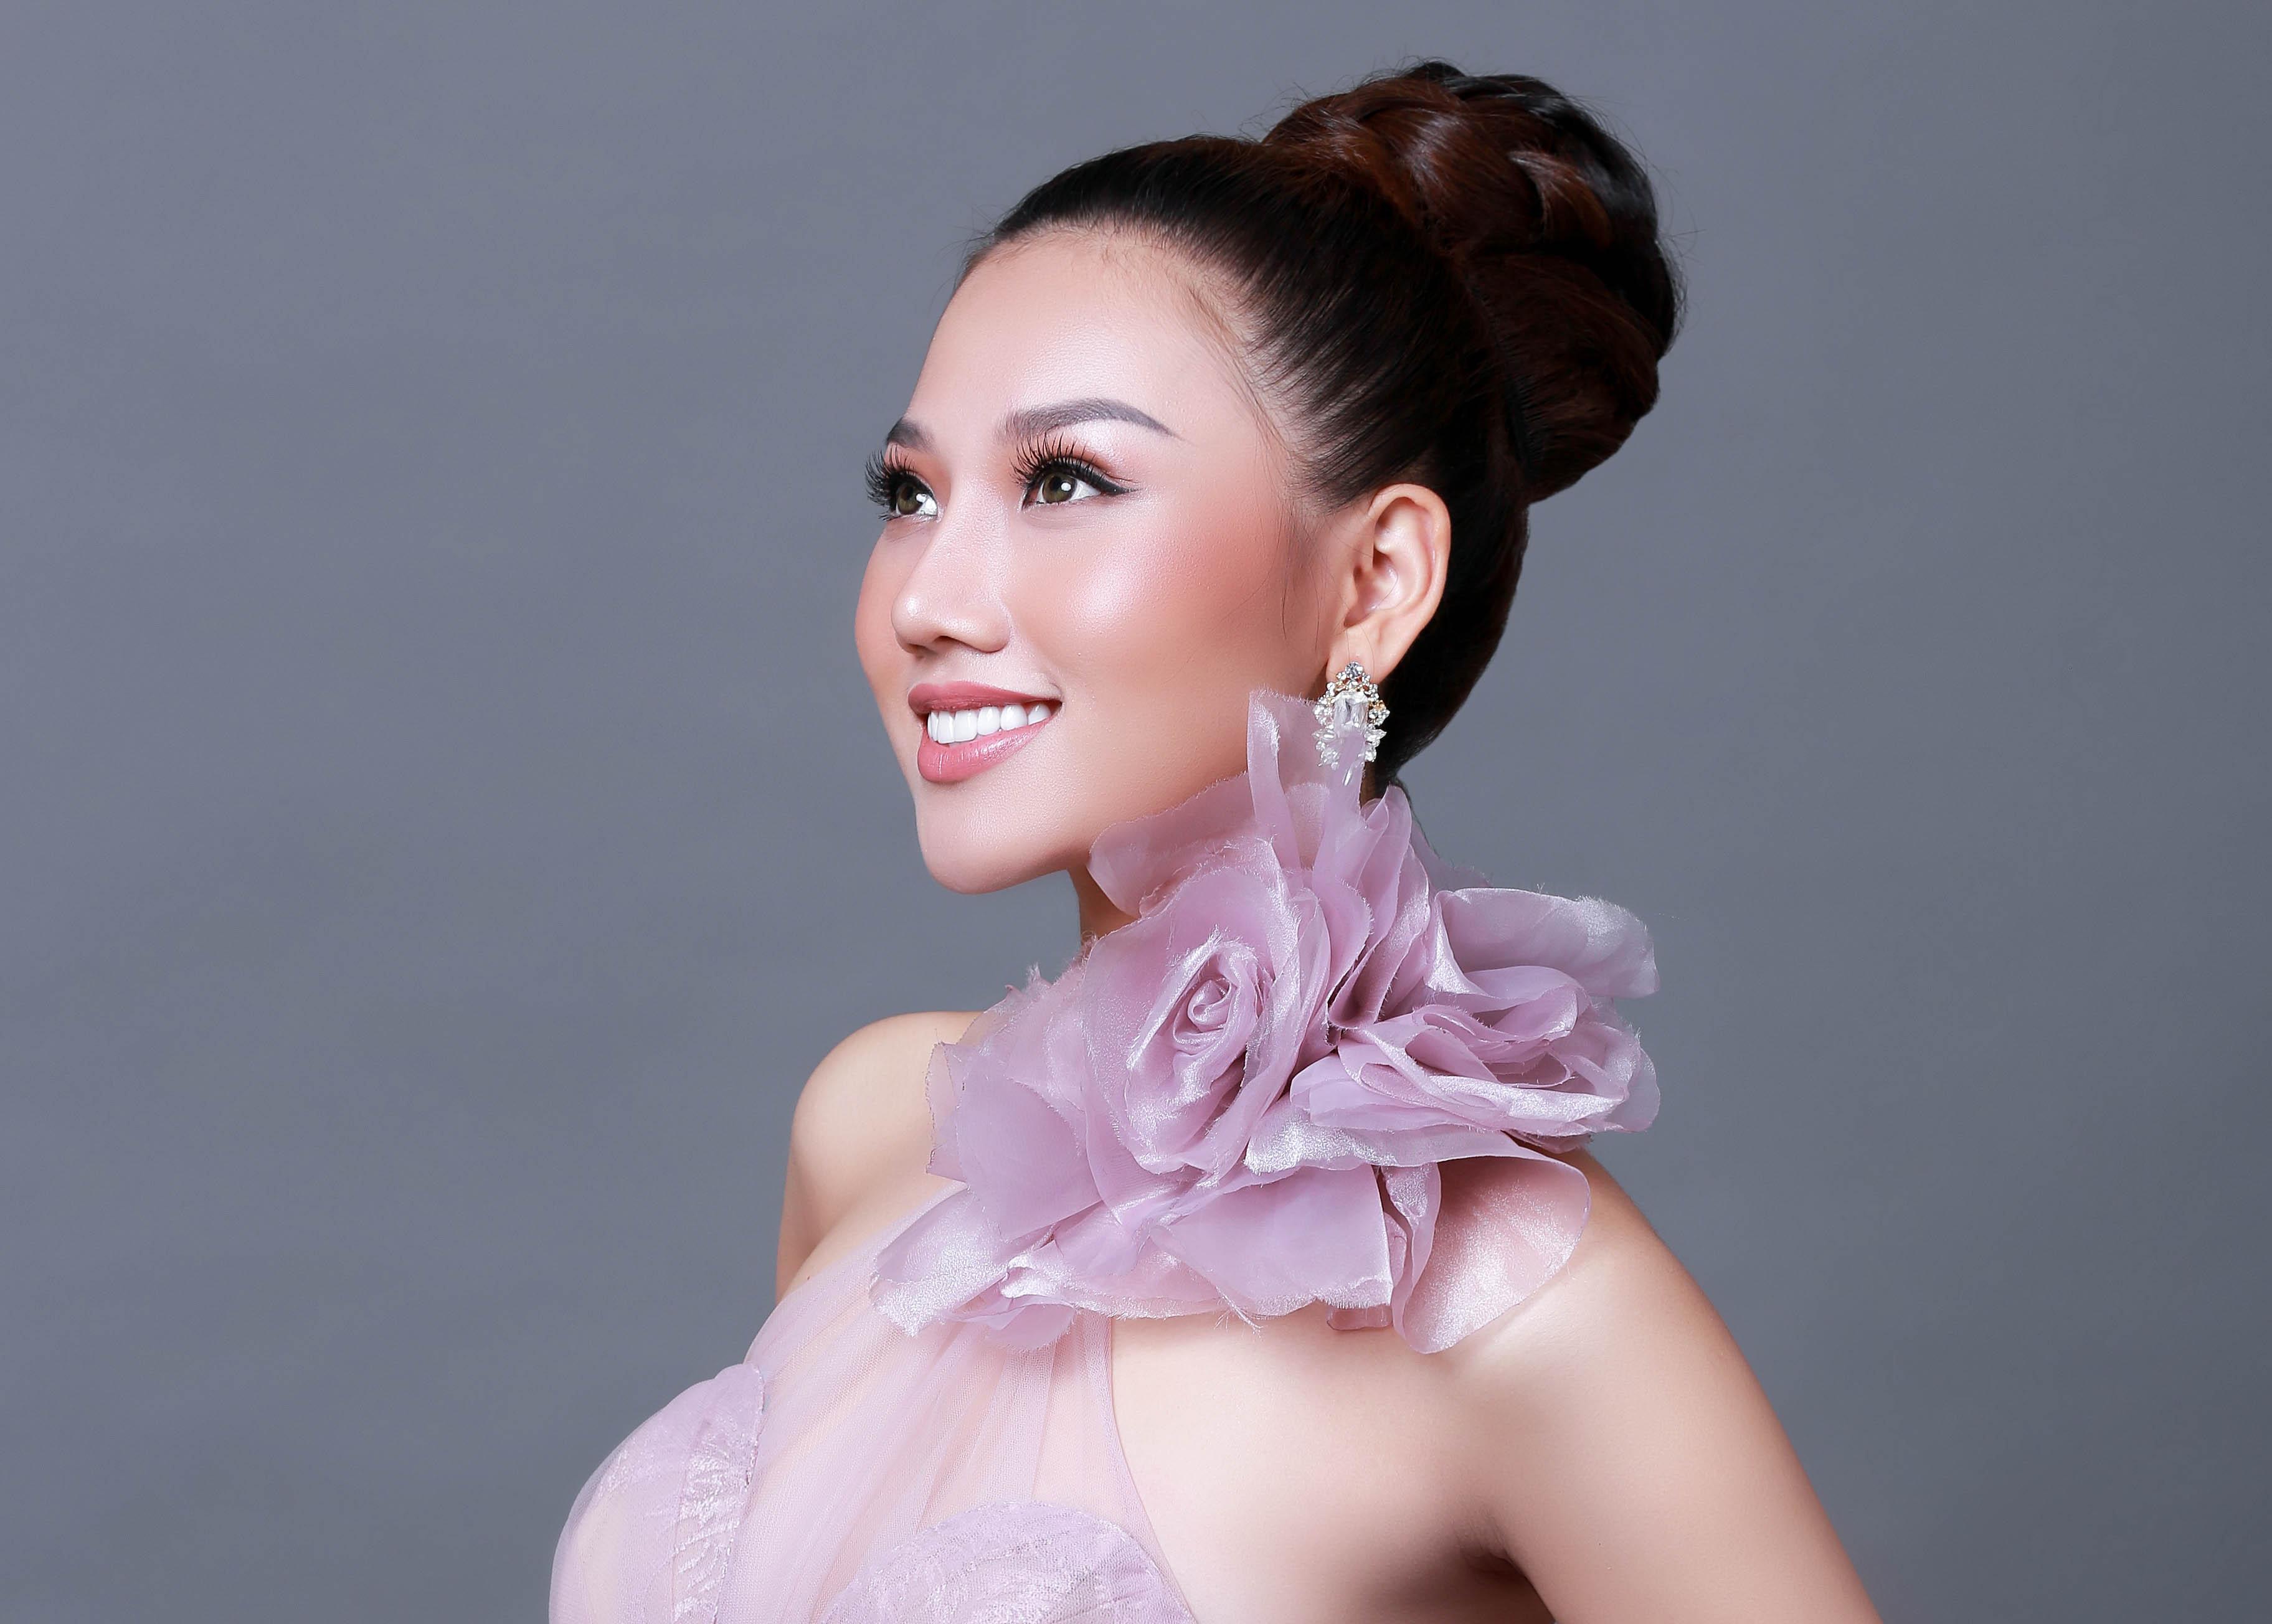 Lộ diện người kế nhiệm Hoa hậu Ngọc Duyên sang Hàn Quốc dự thi Nữ hoàng Sắc đẹp Toàn cầu 2017